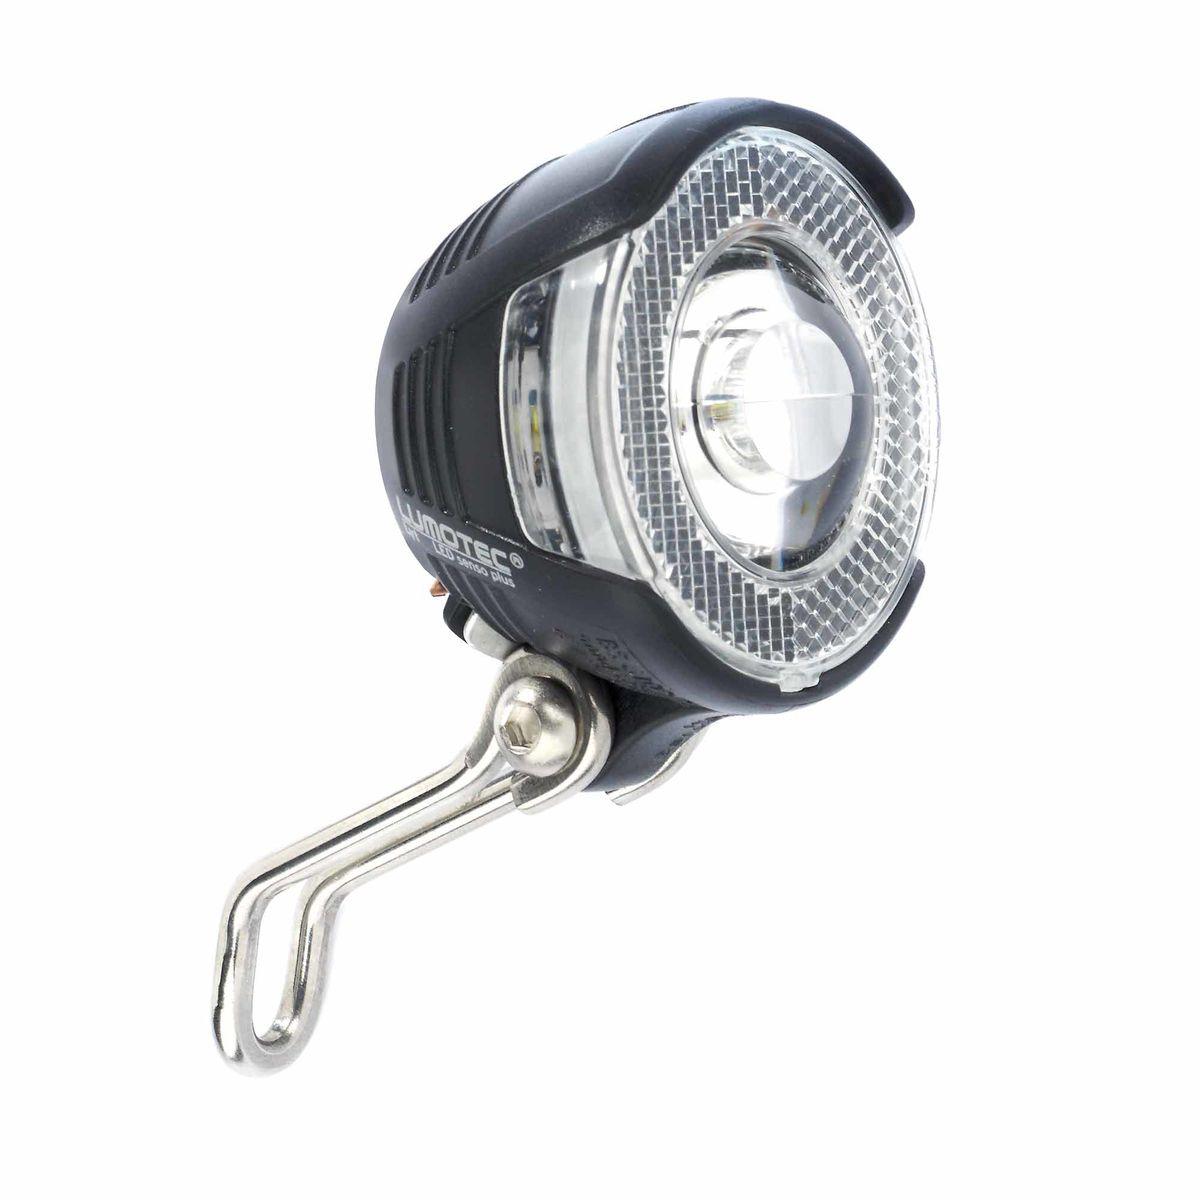 Fahrrad Scheinwerfer LED 20 Lux für Nabendynamo Schalter /& Standlicht